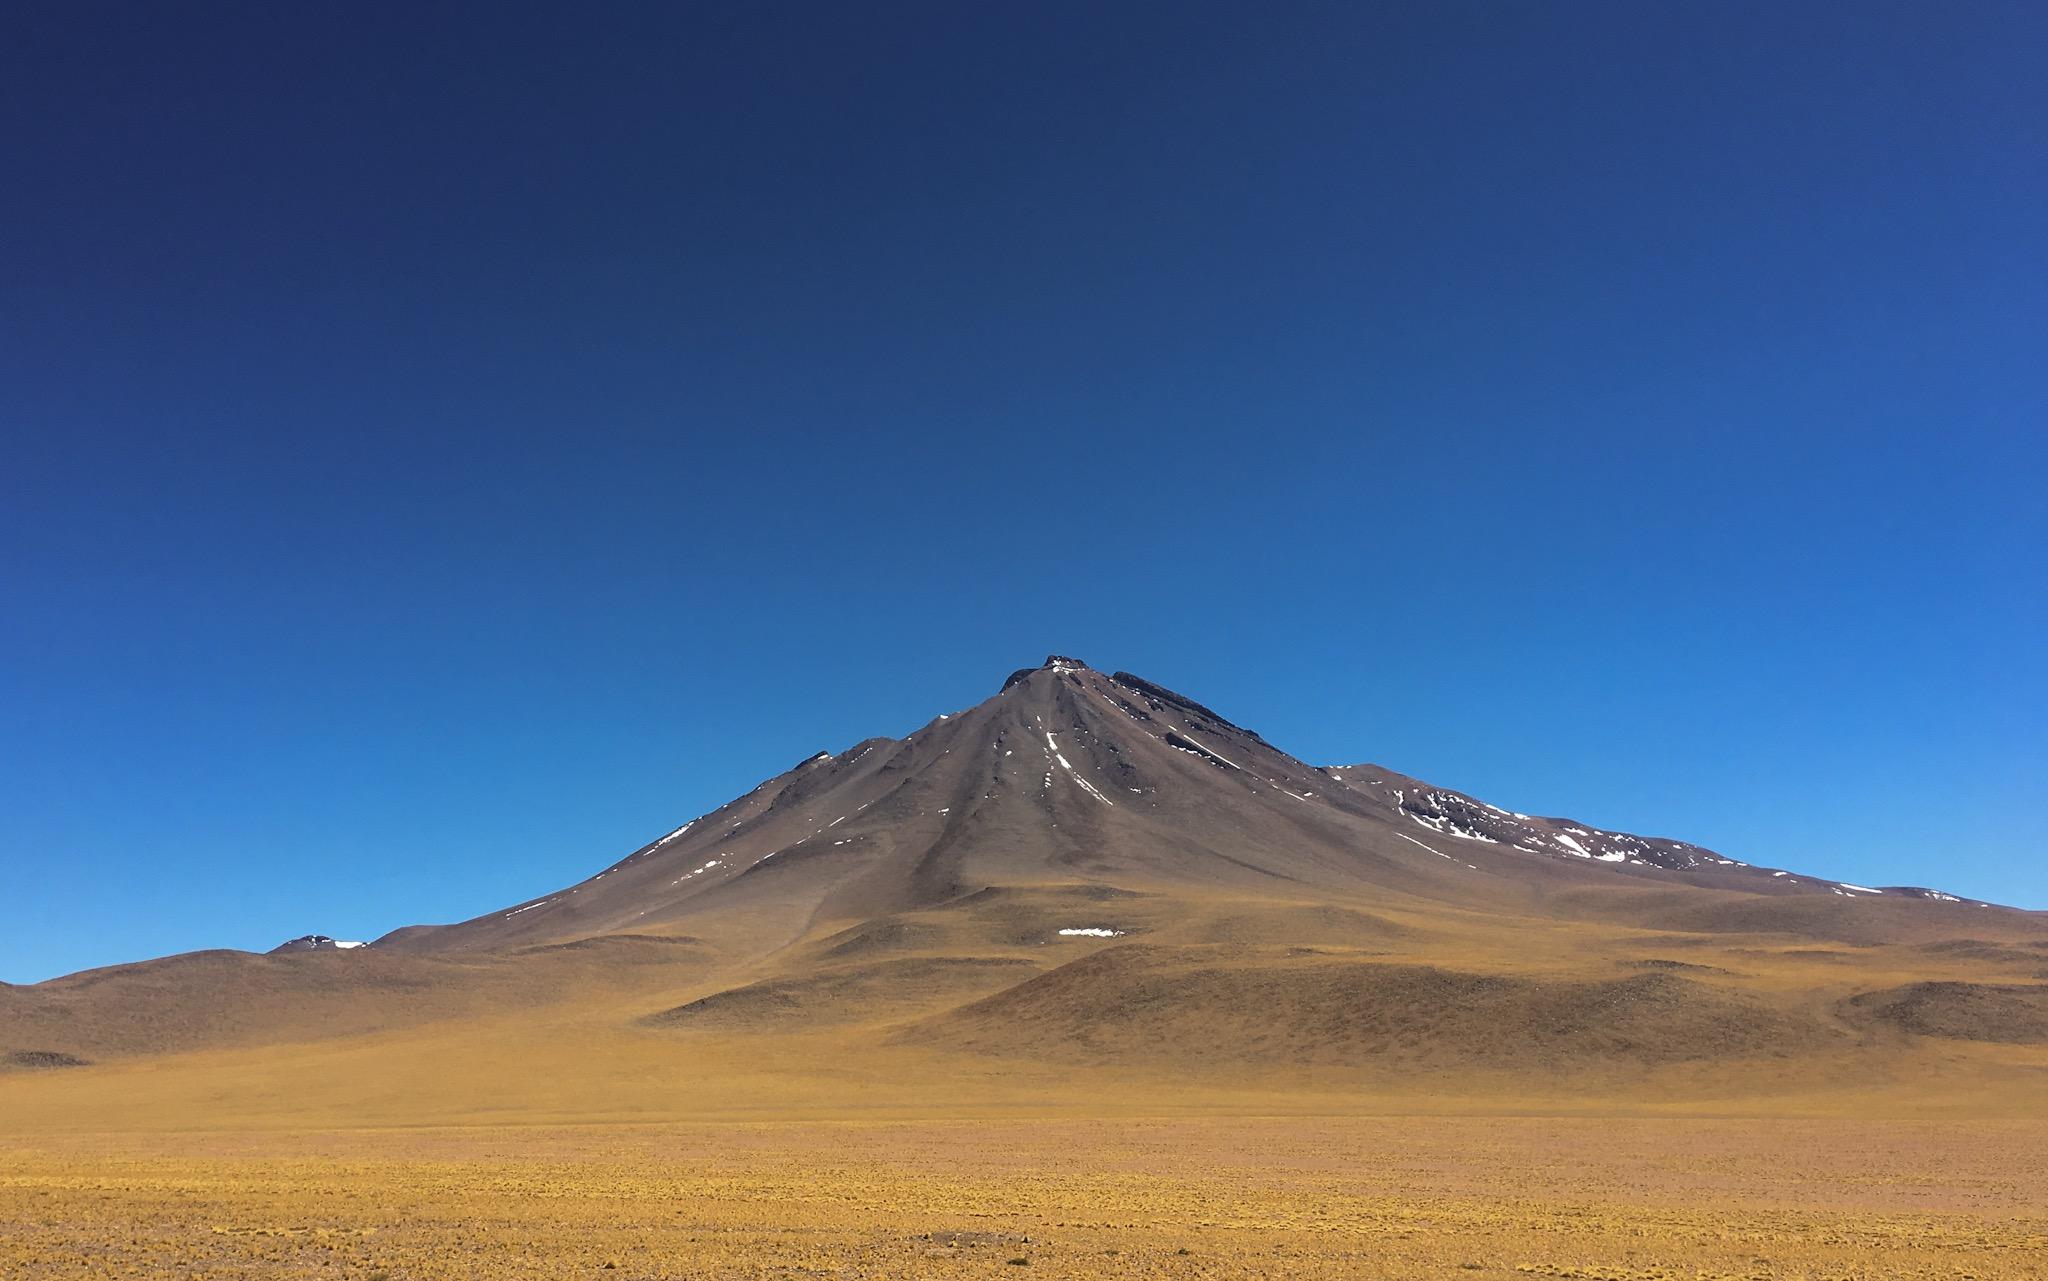 Vulcão Lincancabur, Deserto do Atacama, Chile